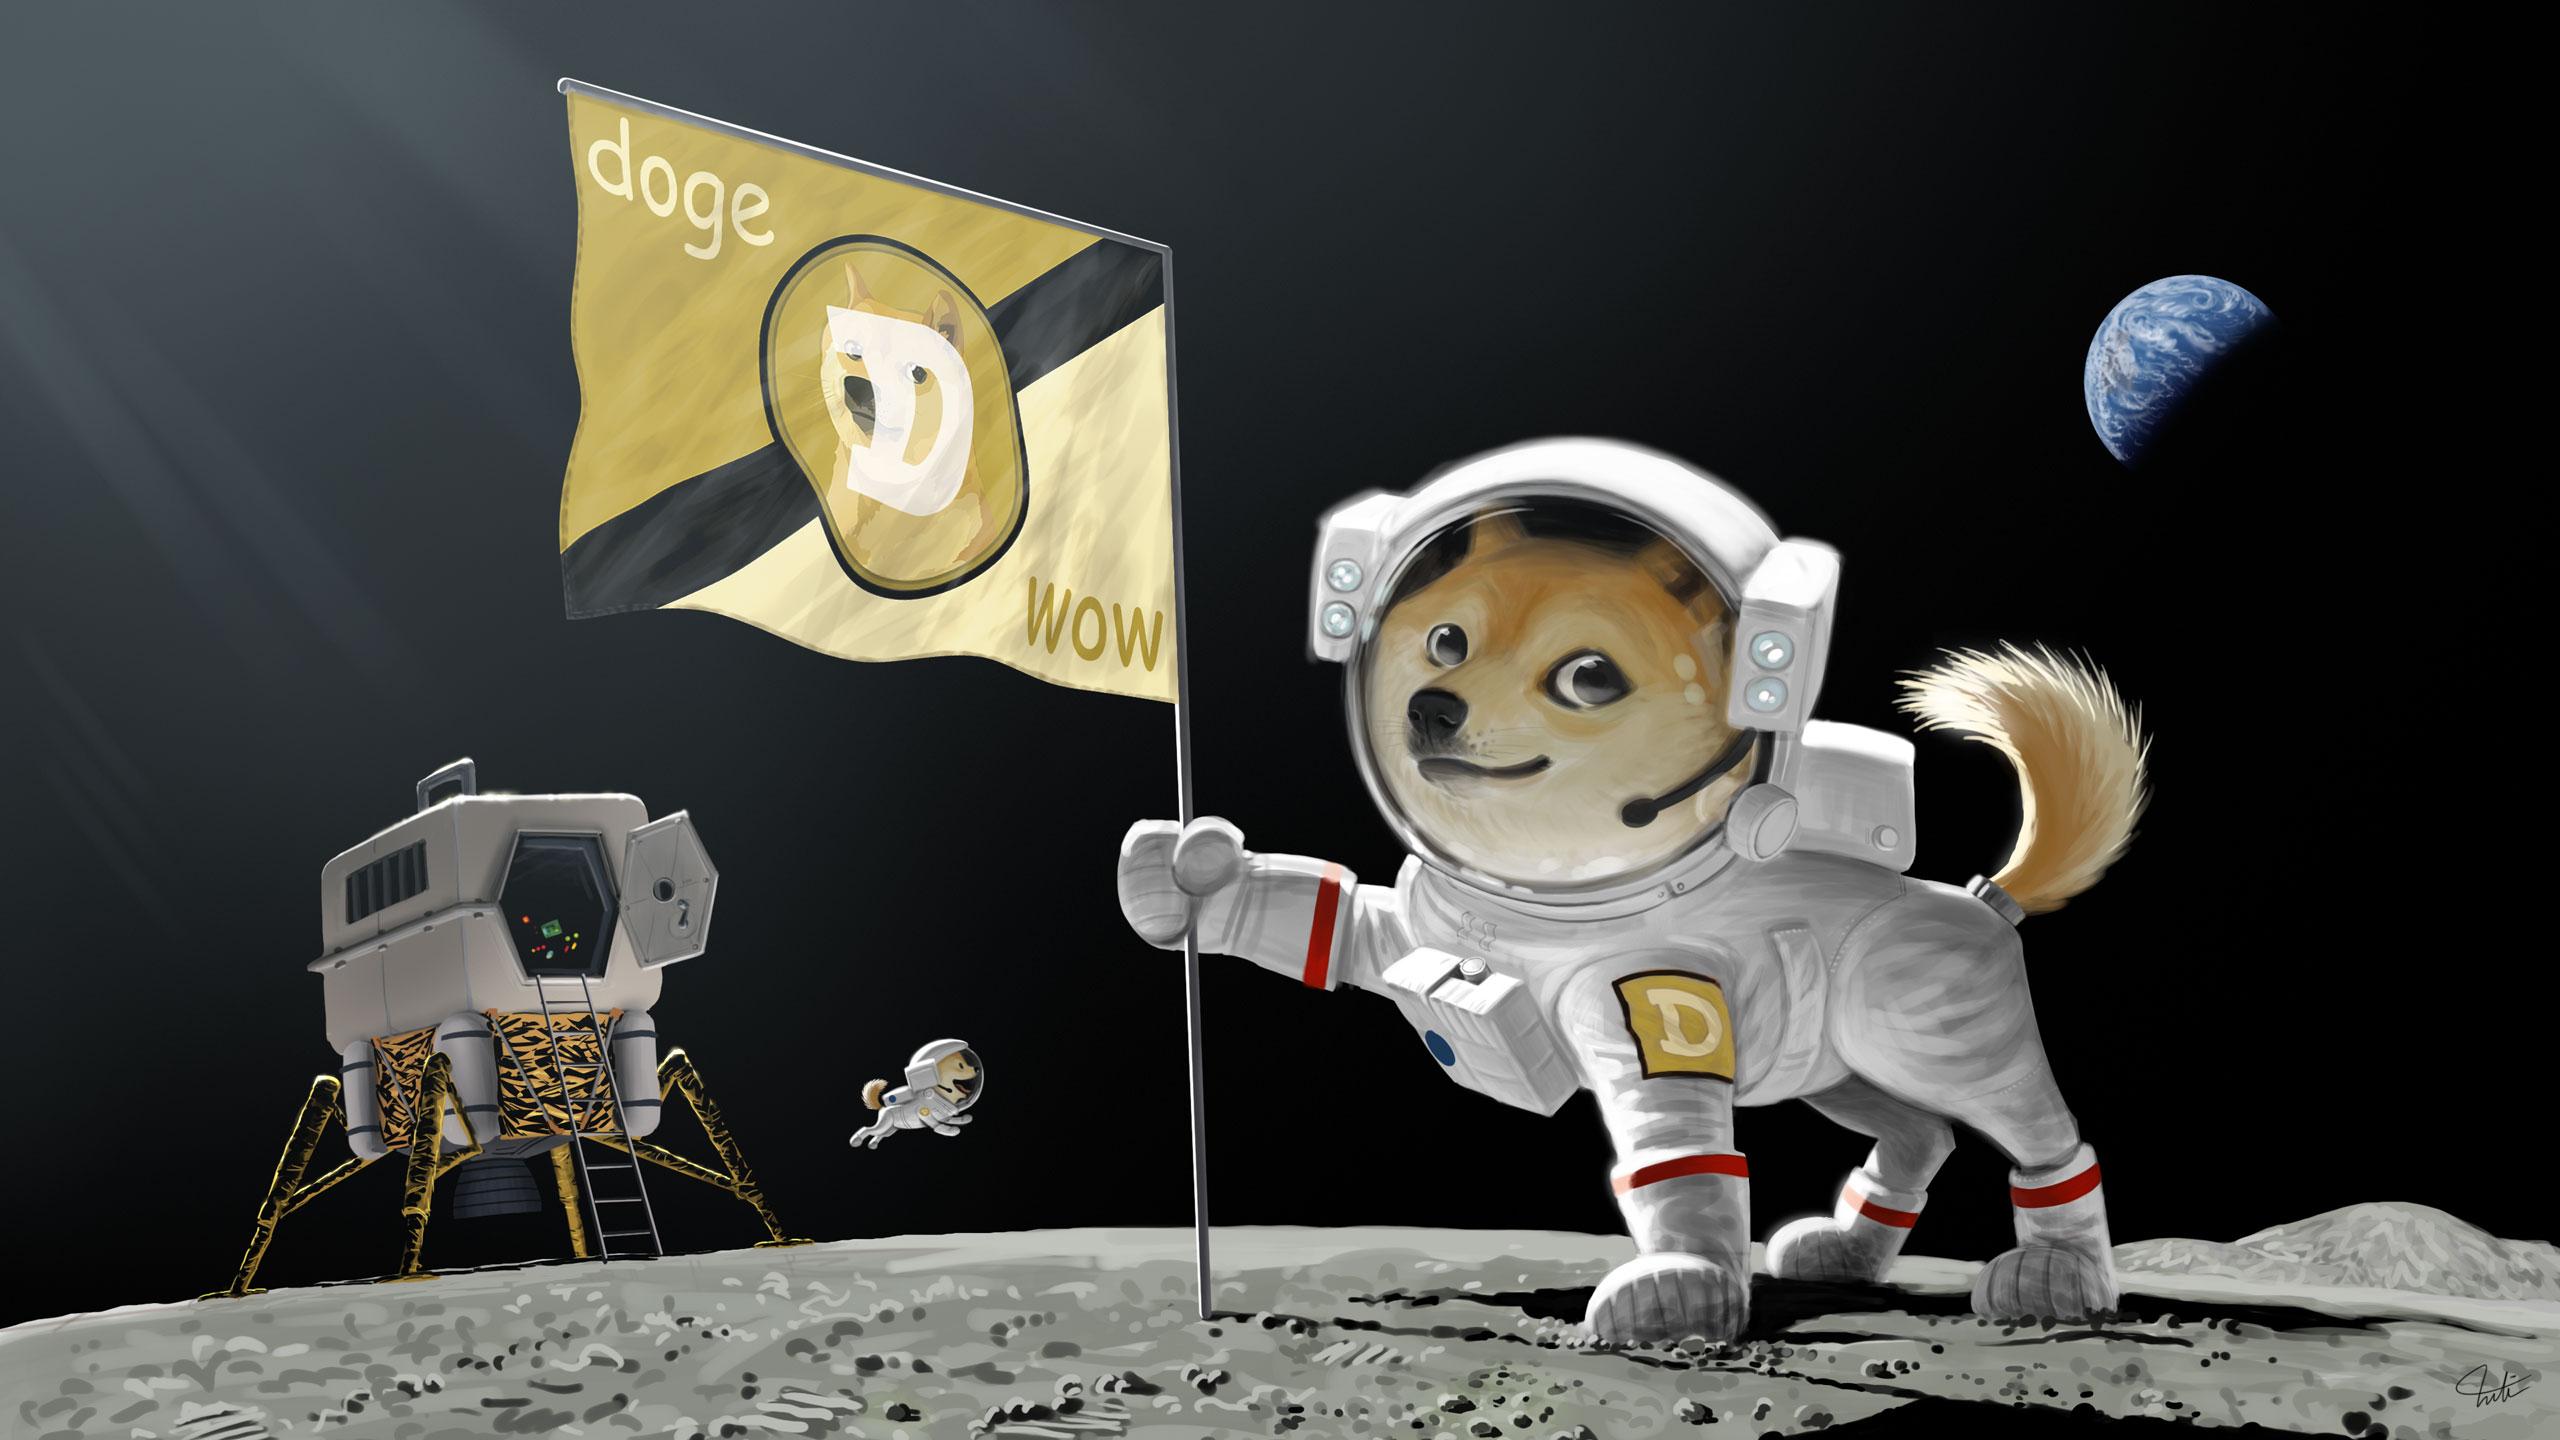 c5bc6e621599cd1f88d1f7786261f16c doge dog astronaut meme moon landing earth planet flag wallpaper,Doge Meme Wallpaper